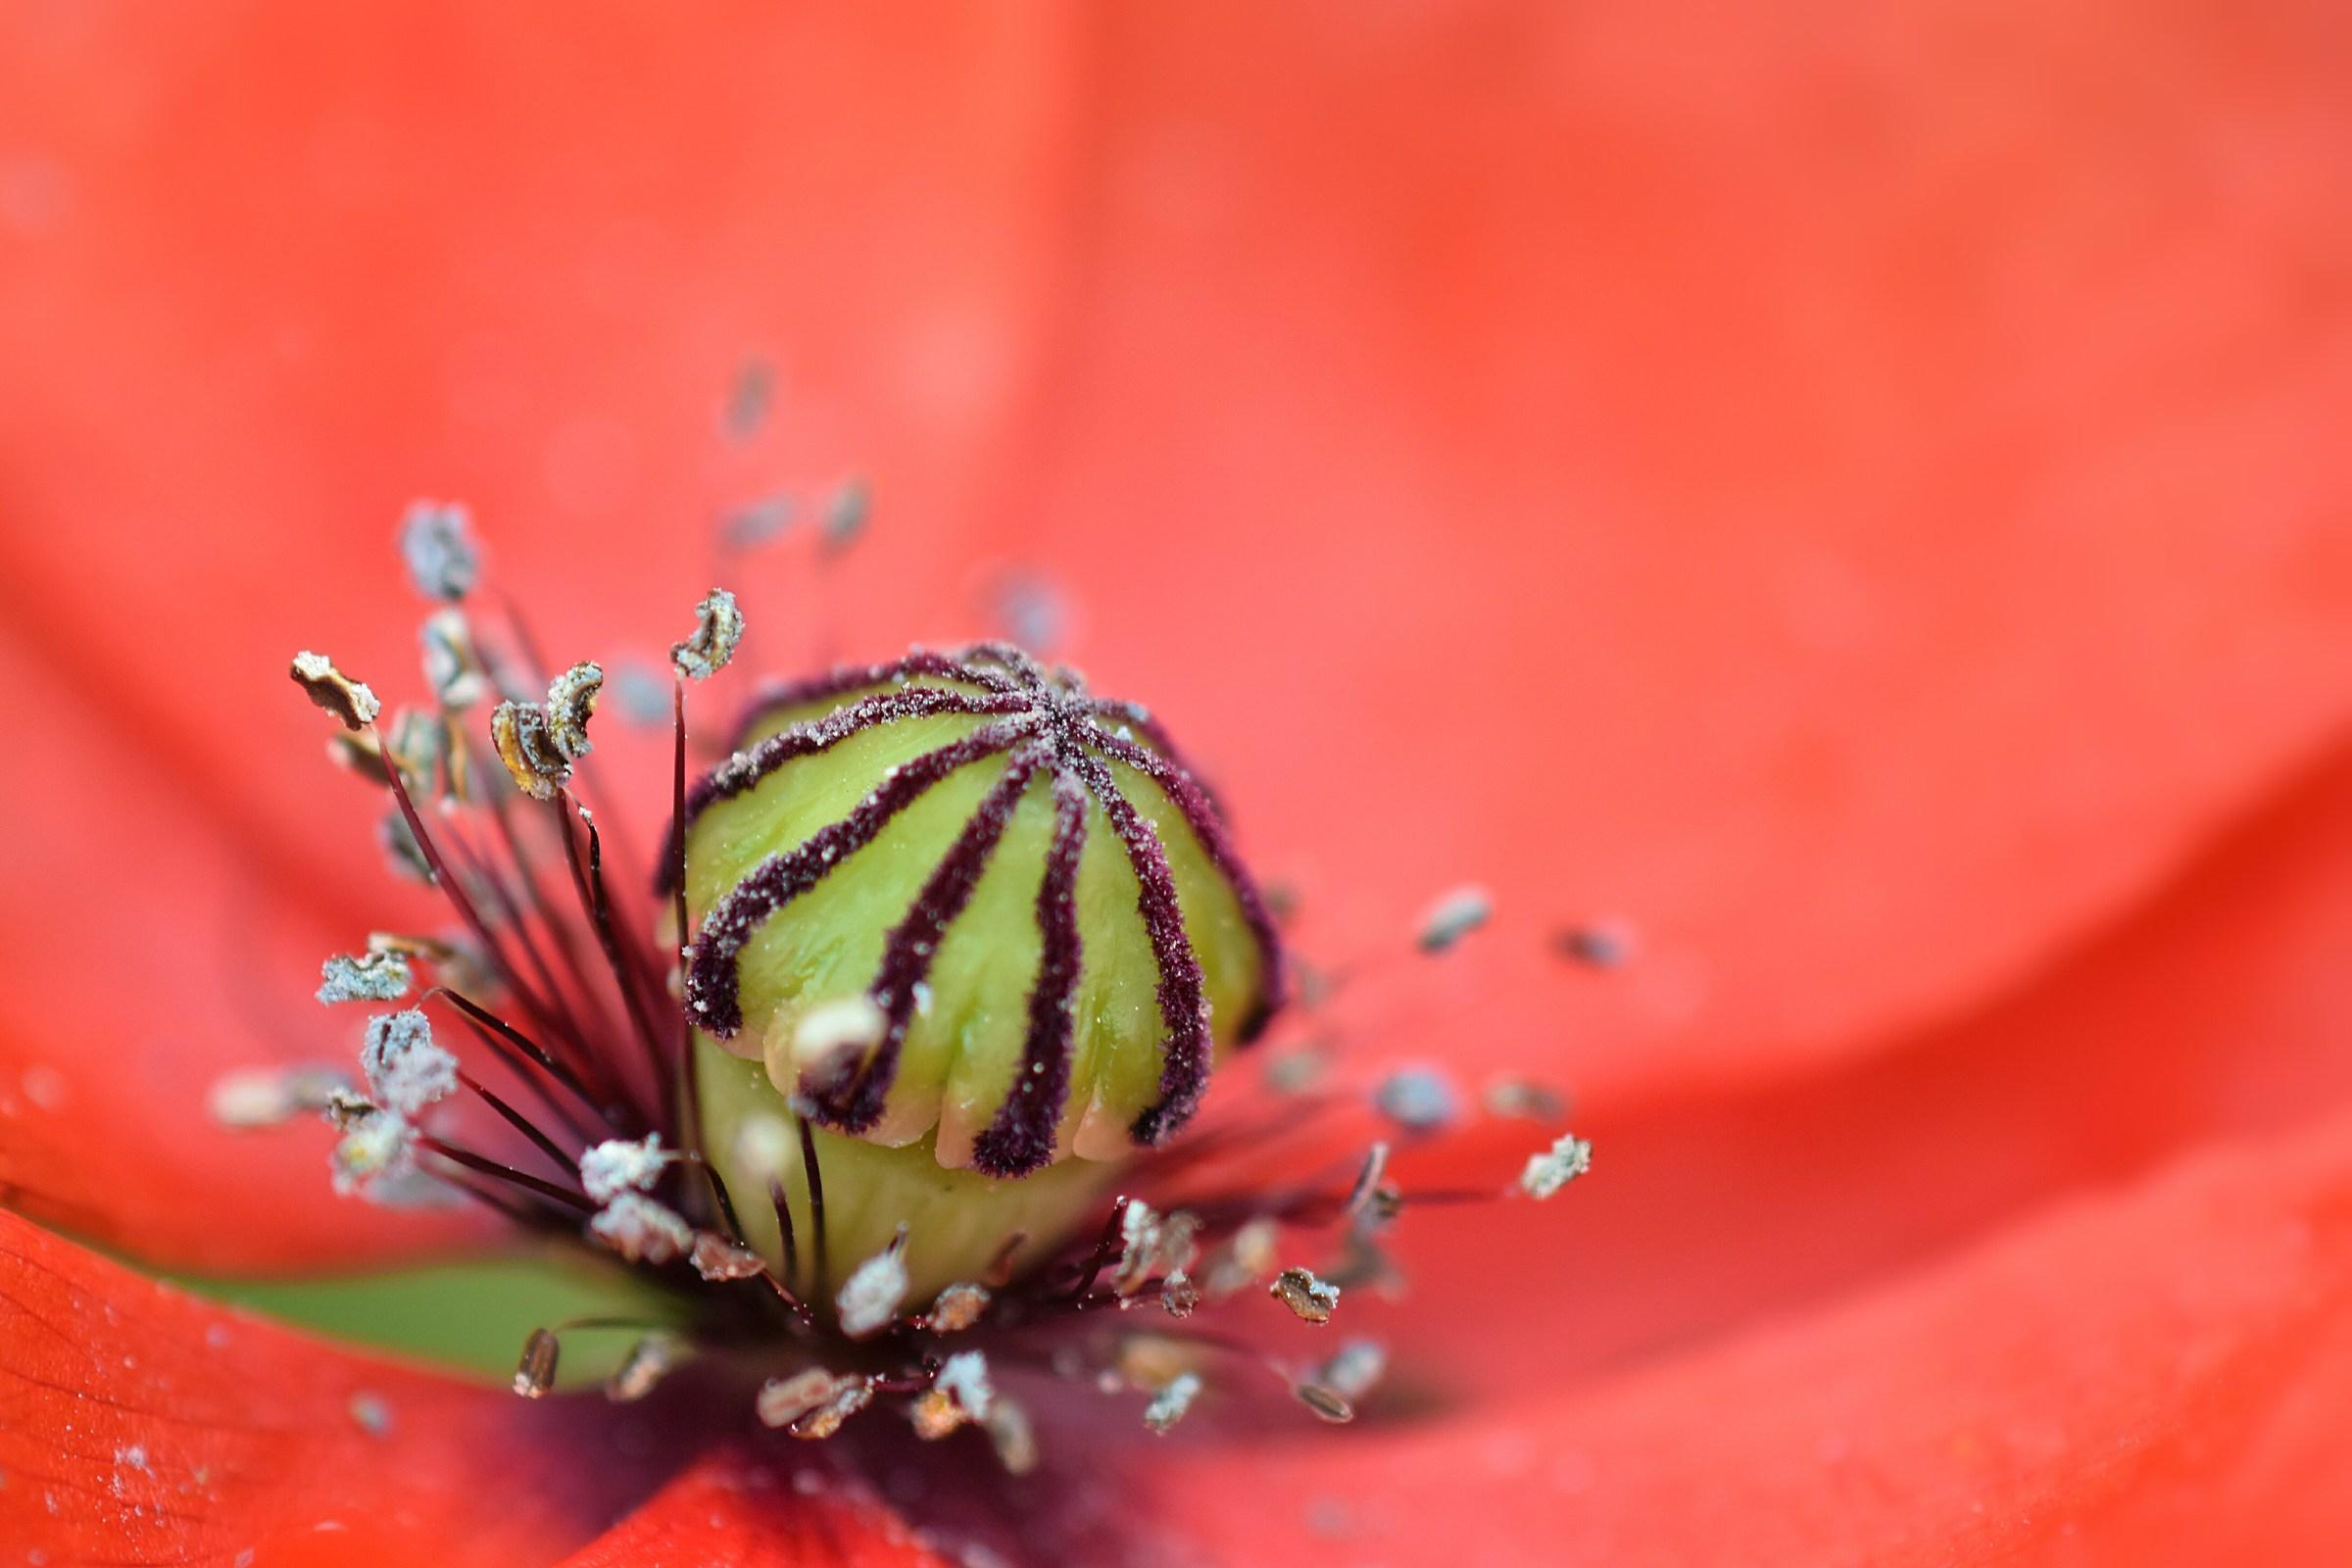 Inside the poppy...